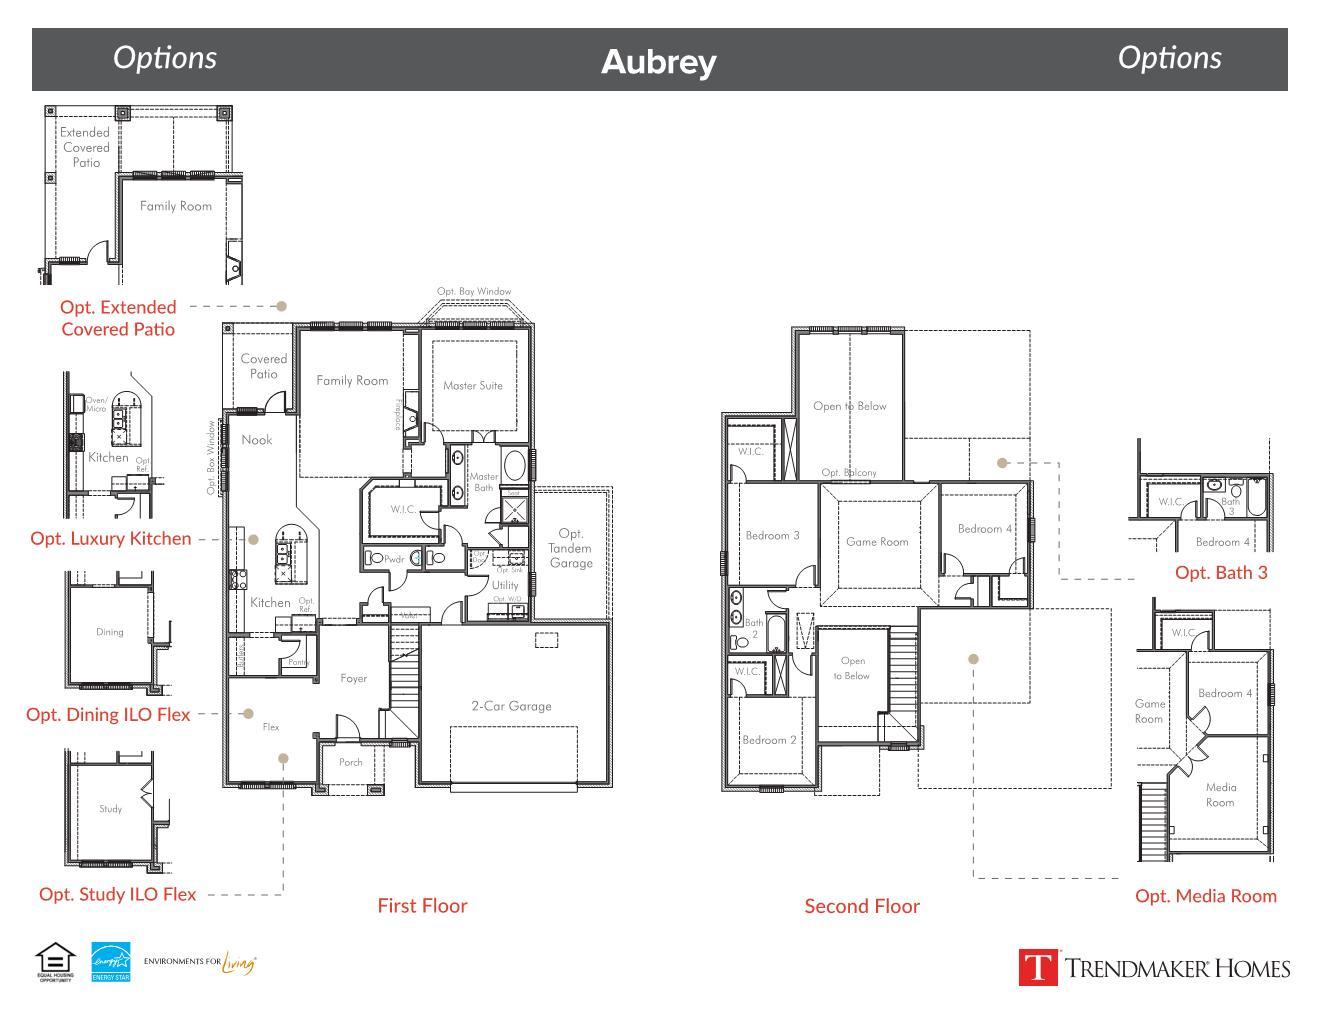 Aubrey Floor Plan - Ventana